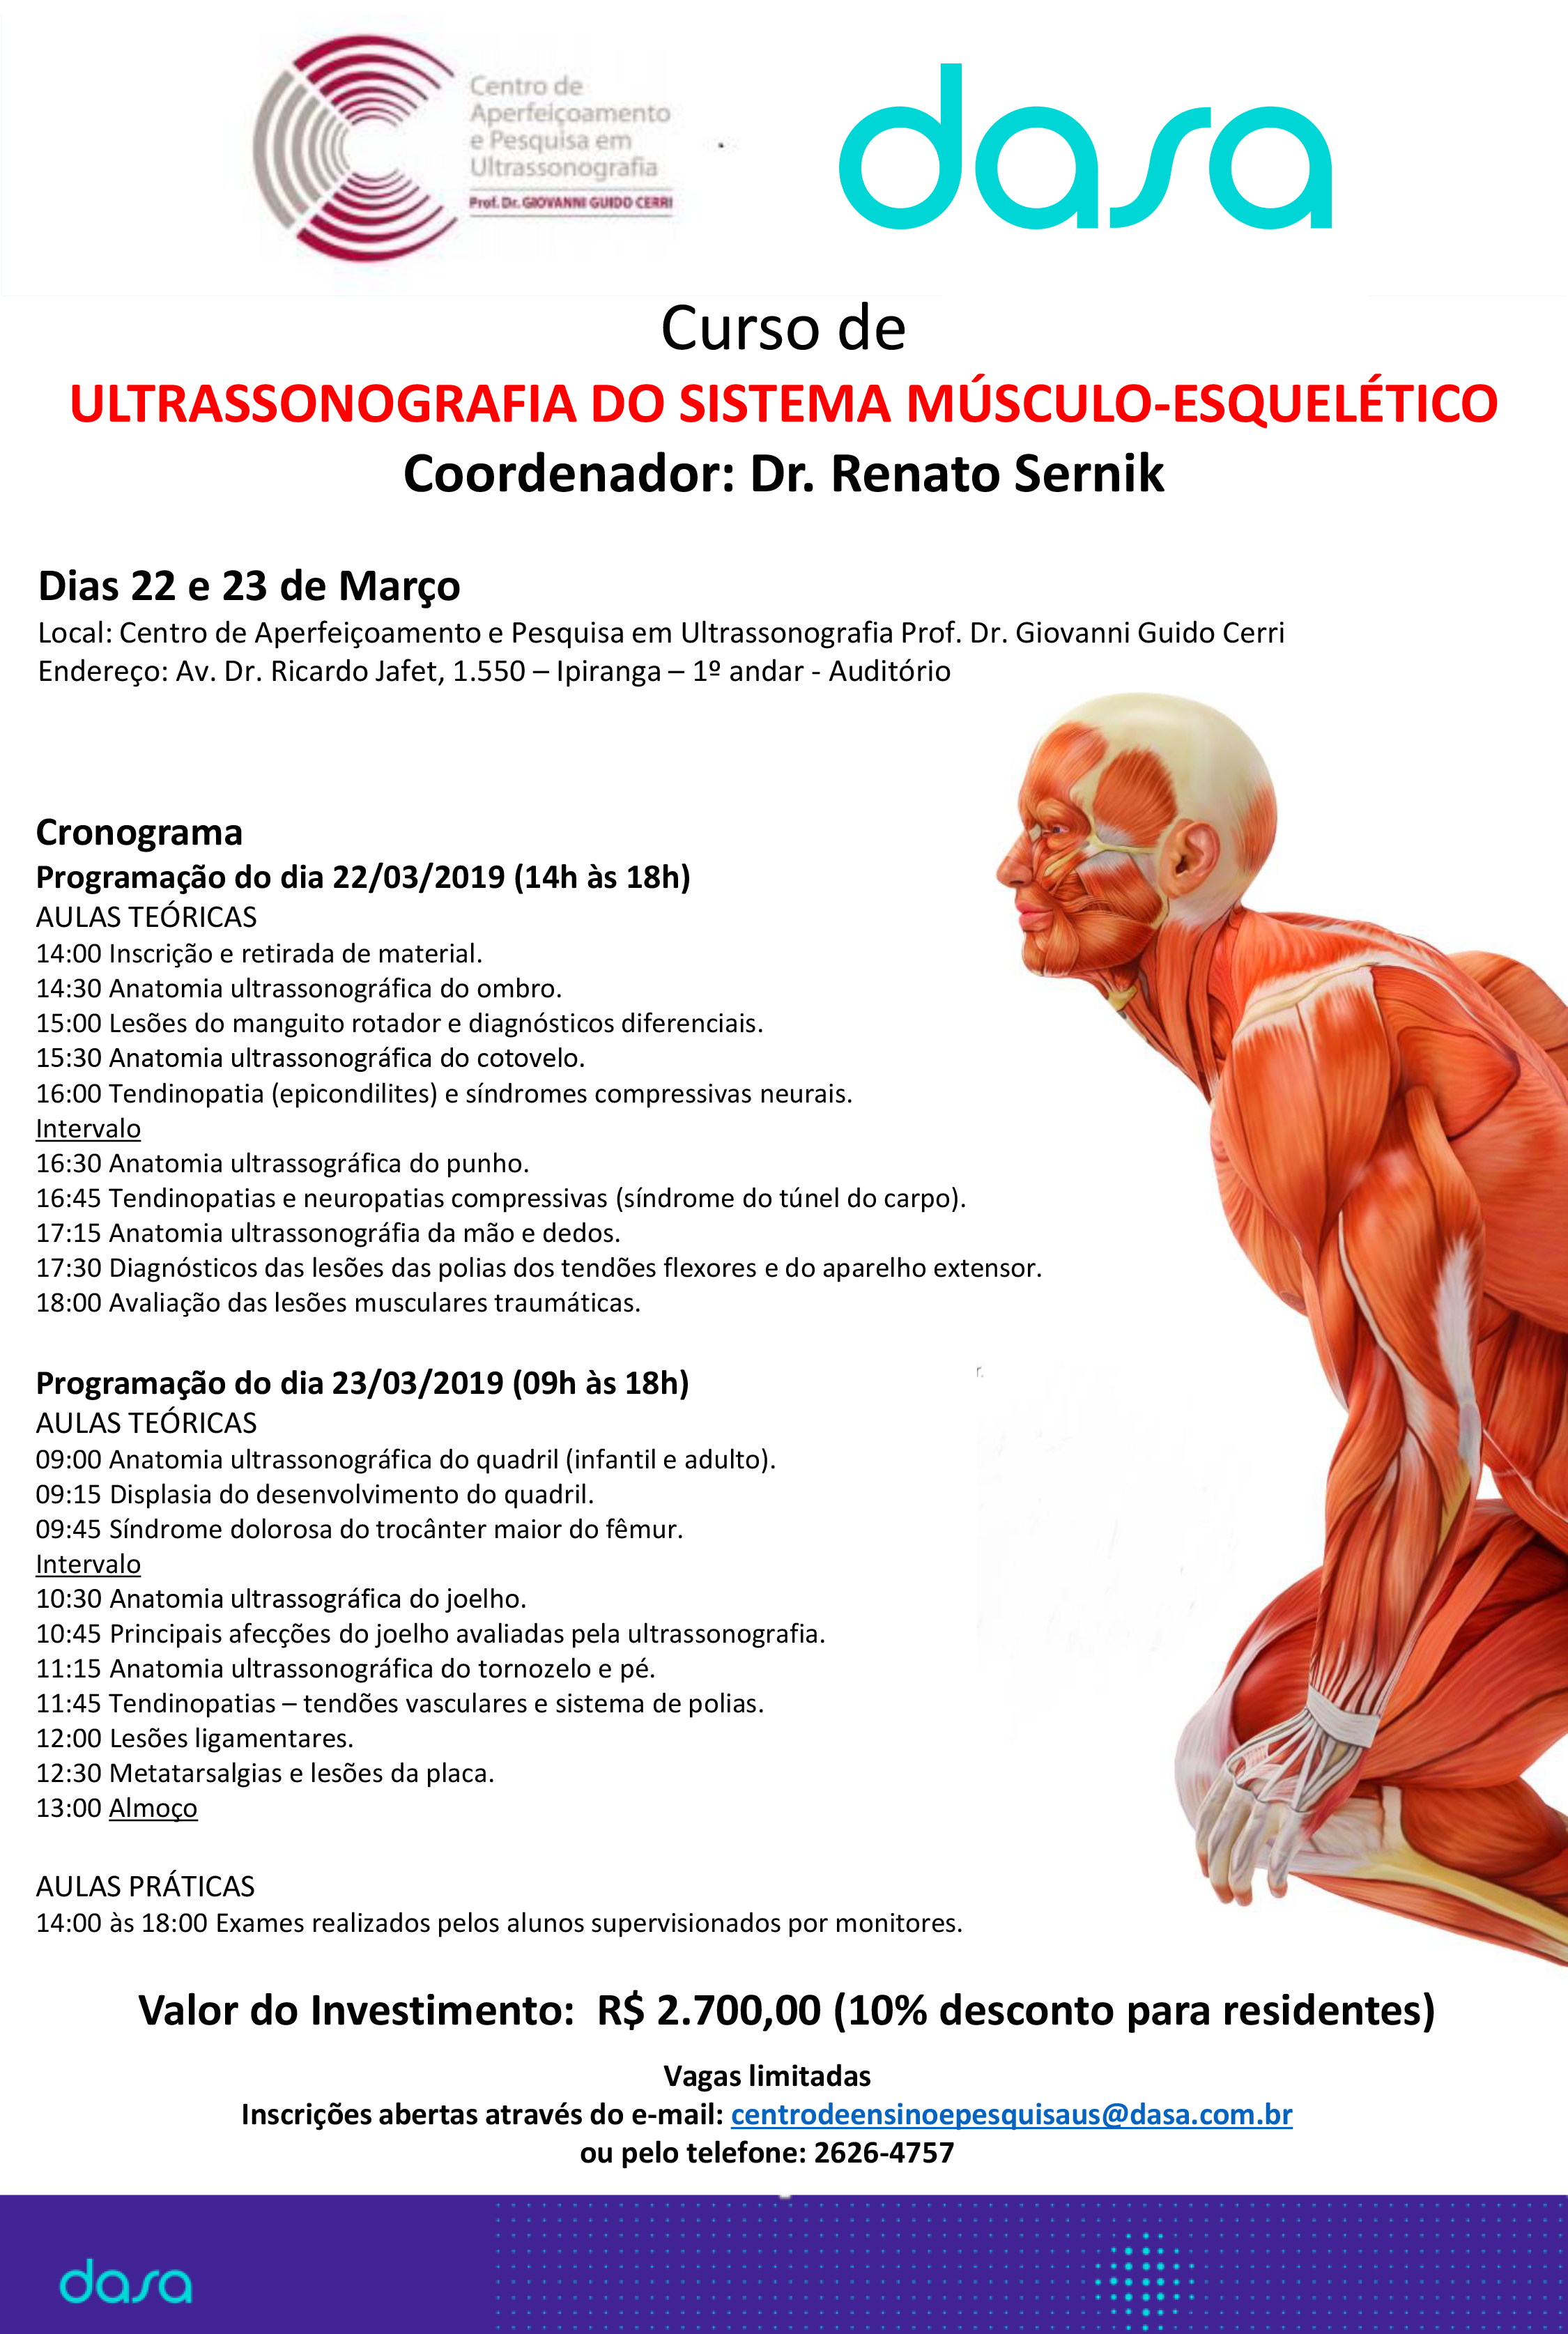 Curso: Ultrasonografia do Sistema Músculo-esquelético